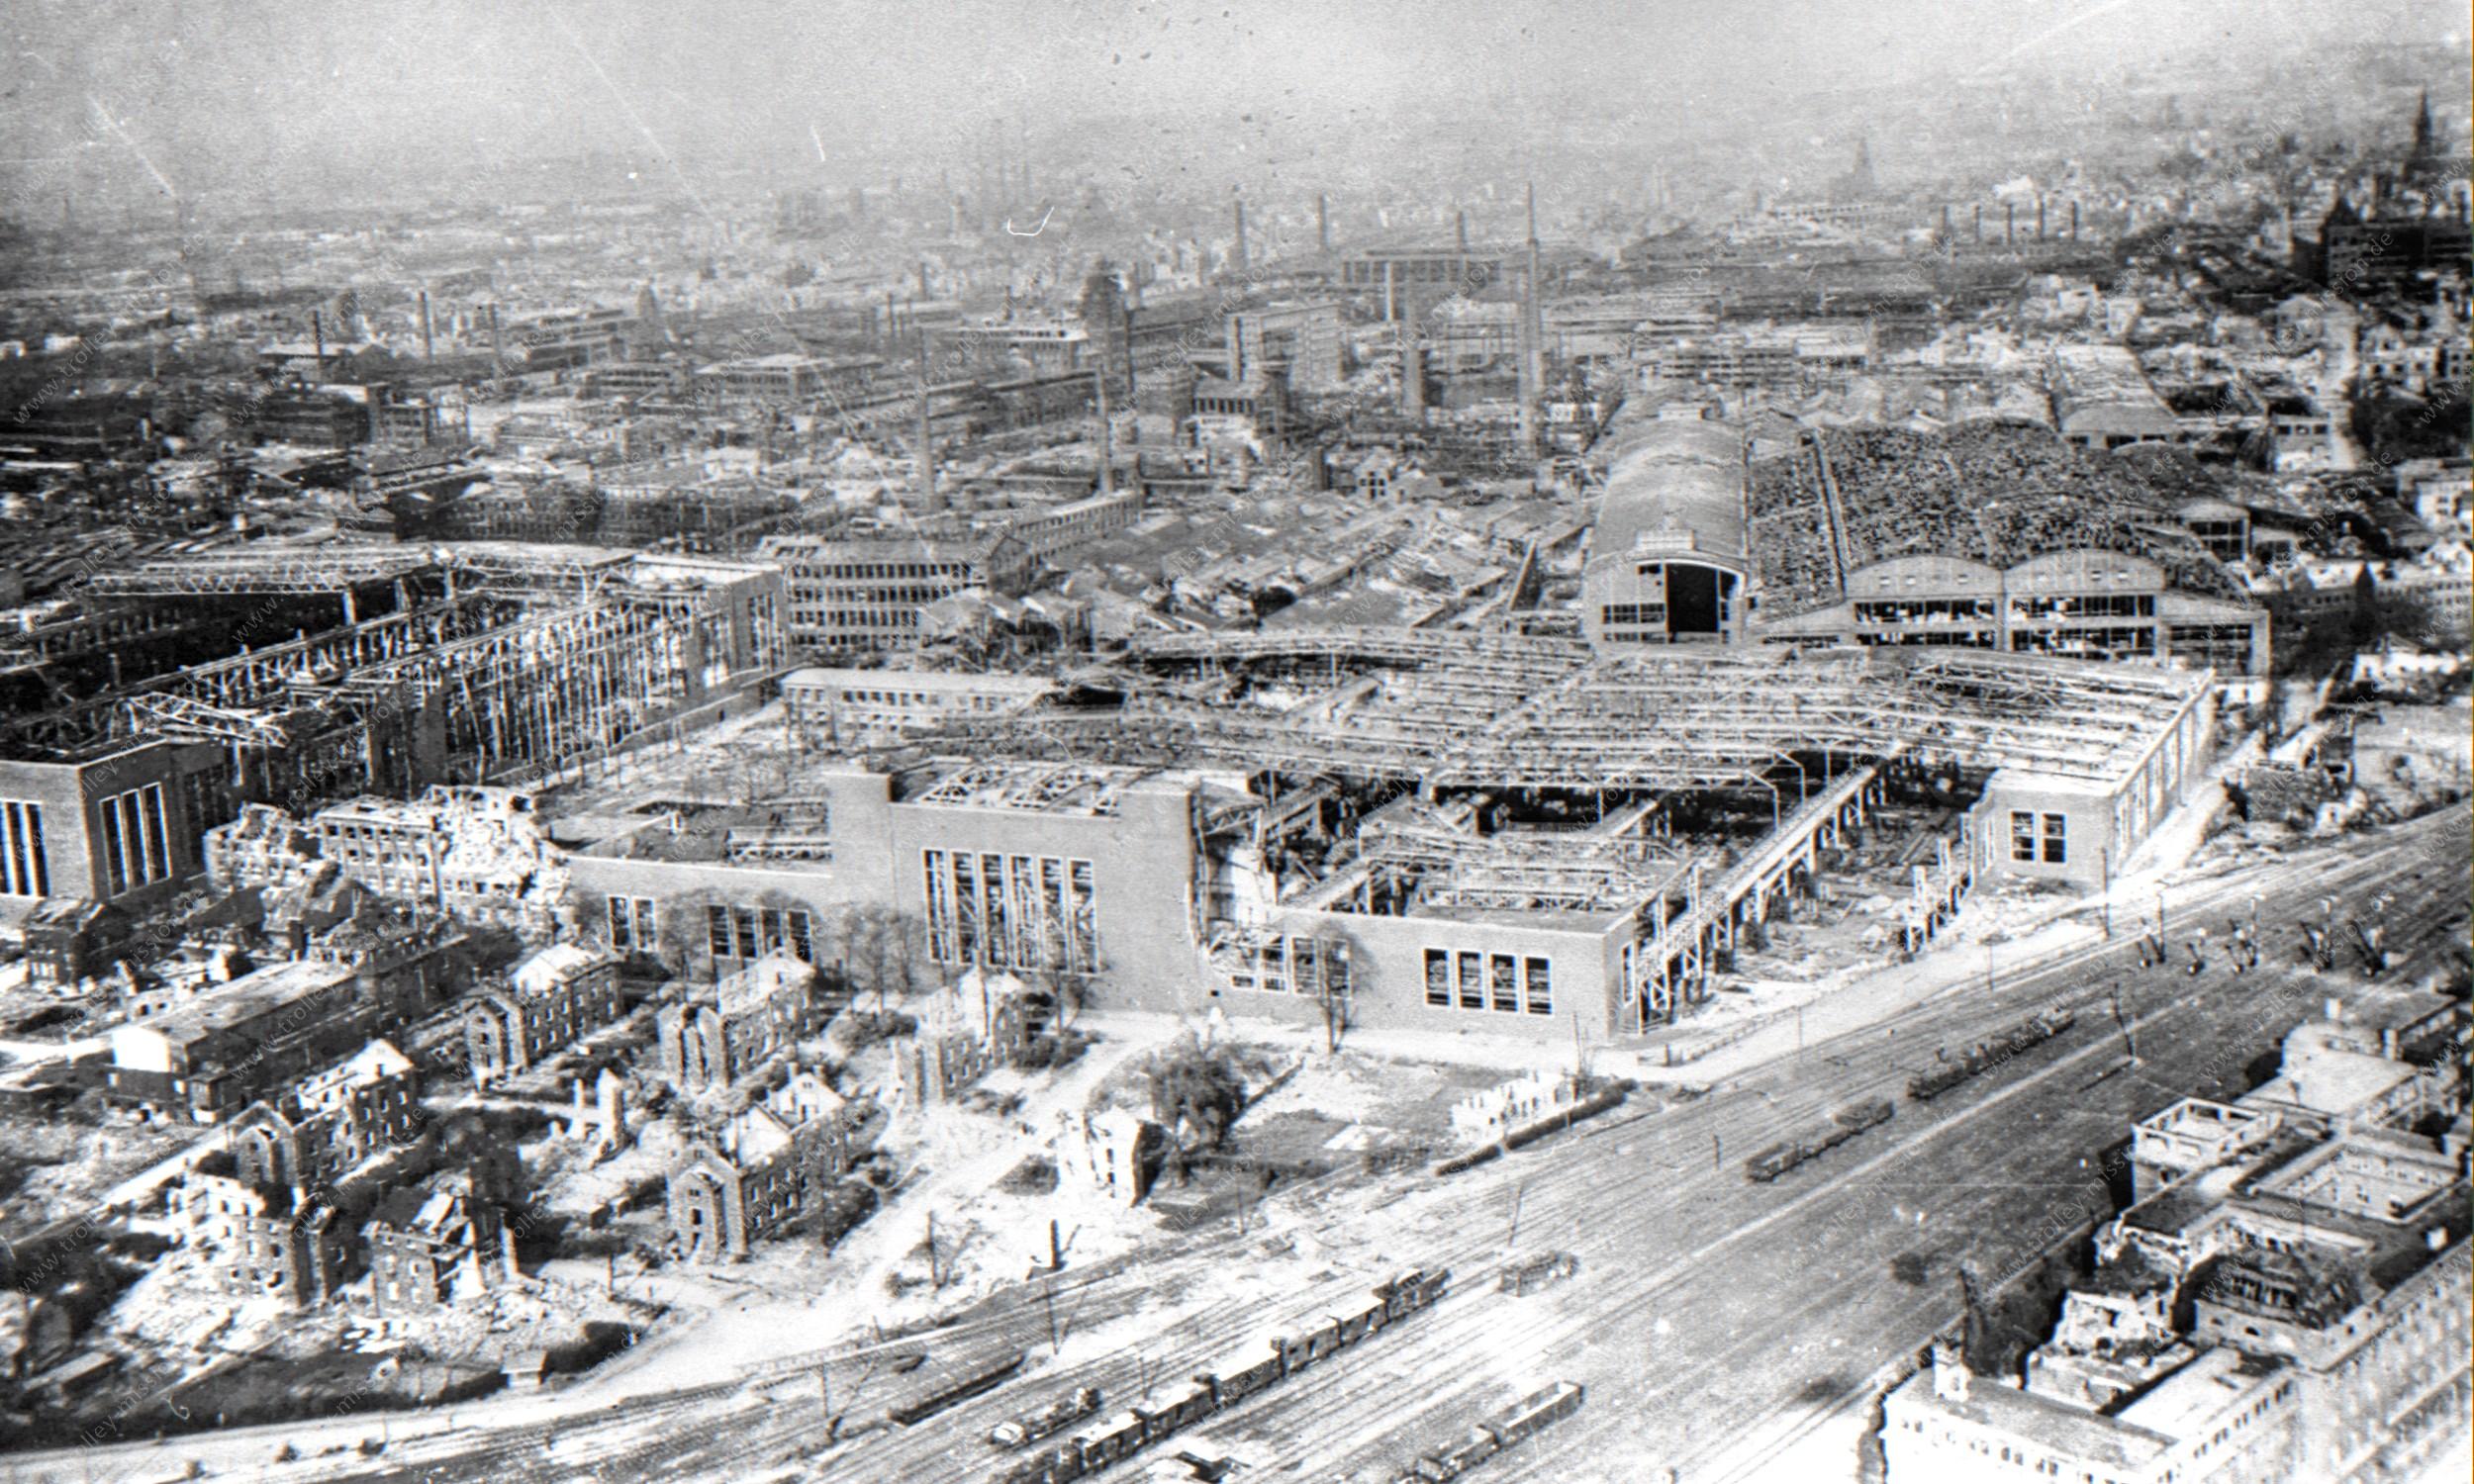 Luftaufnahme der zerstörten Gußstahlfabrik Friedrich Krupp in Essen im Mai 1945 an den Bahngleisen zum Bahnhof Essen-West